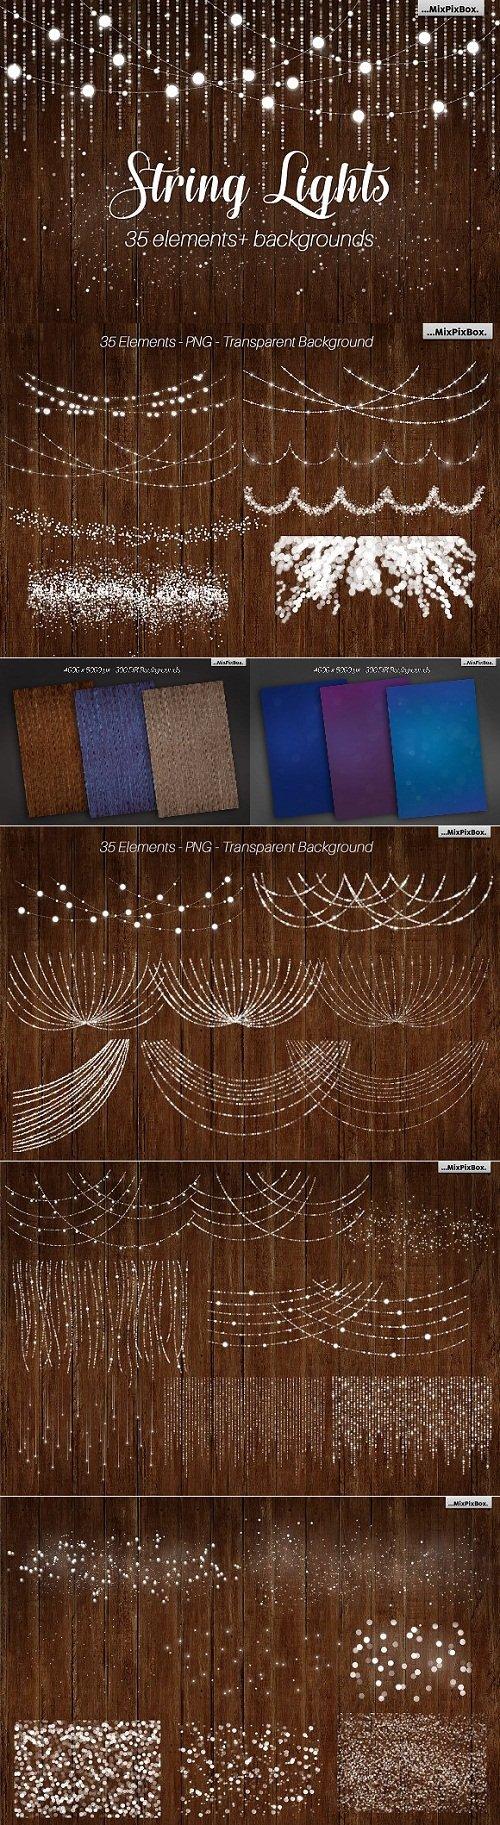 String Lights v3 clipart+backgrounds - 1820258